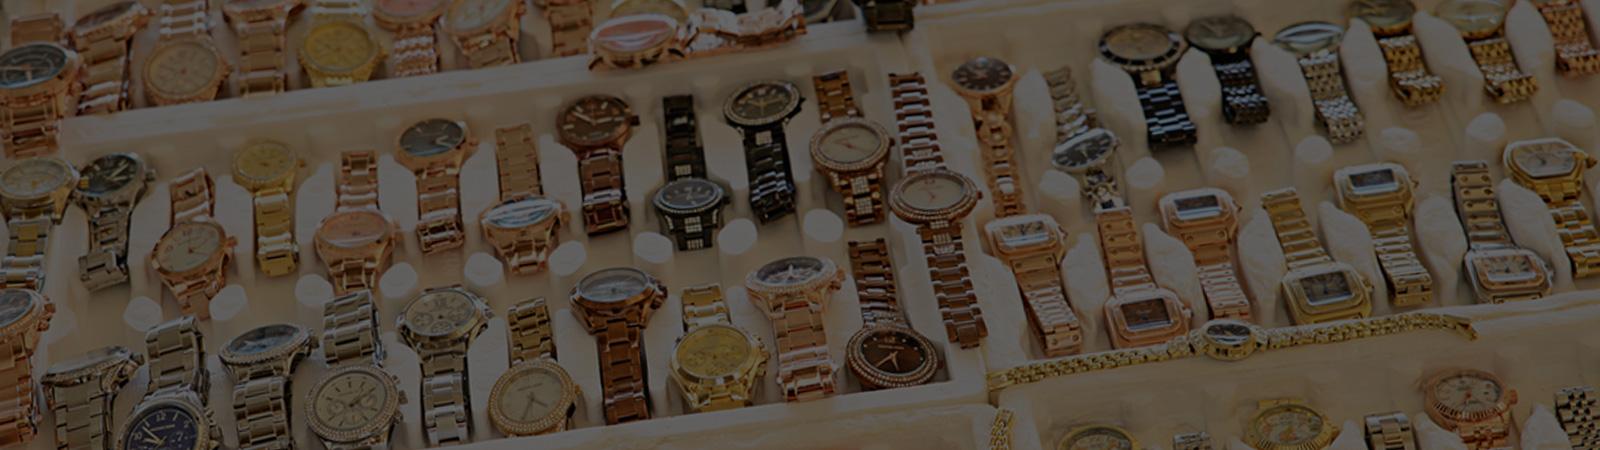 VENDOR REPORT: A Critique of Buying Watch Bands at Tsovet.com